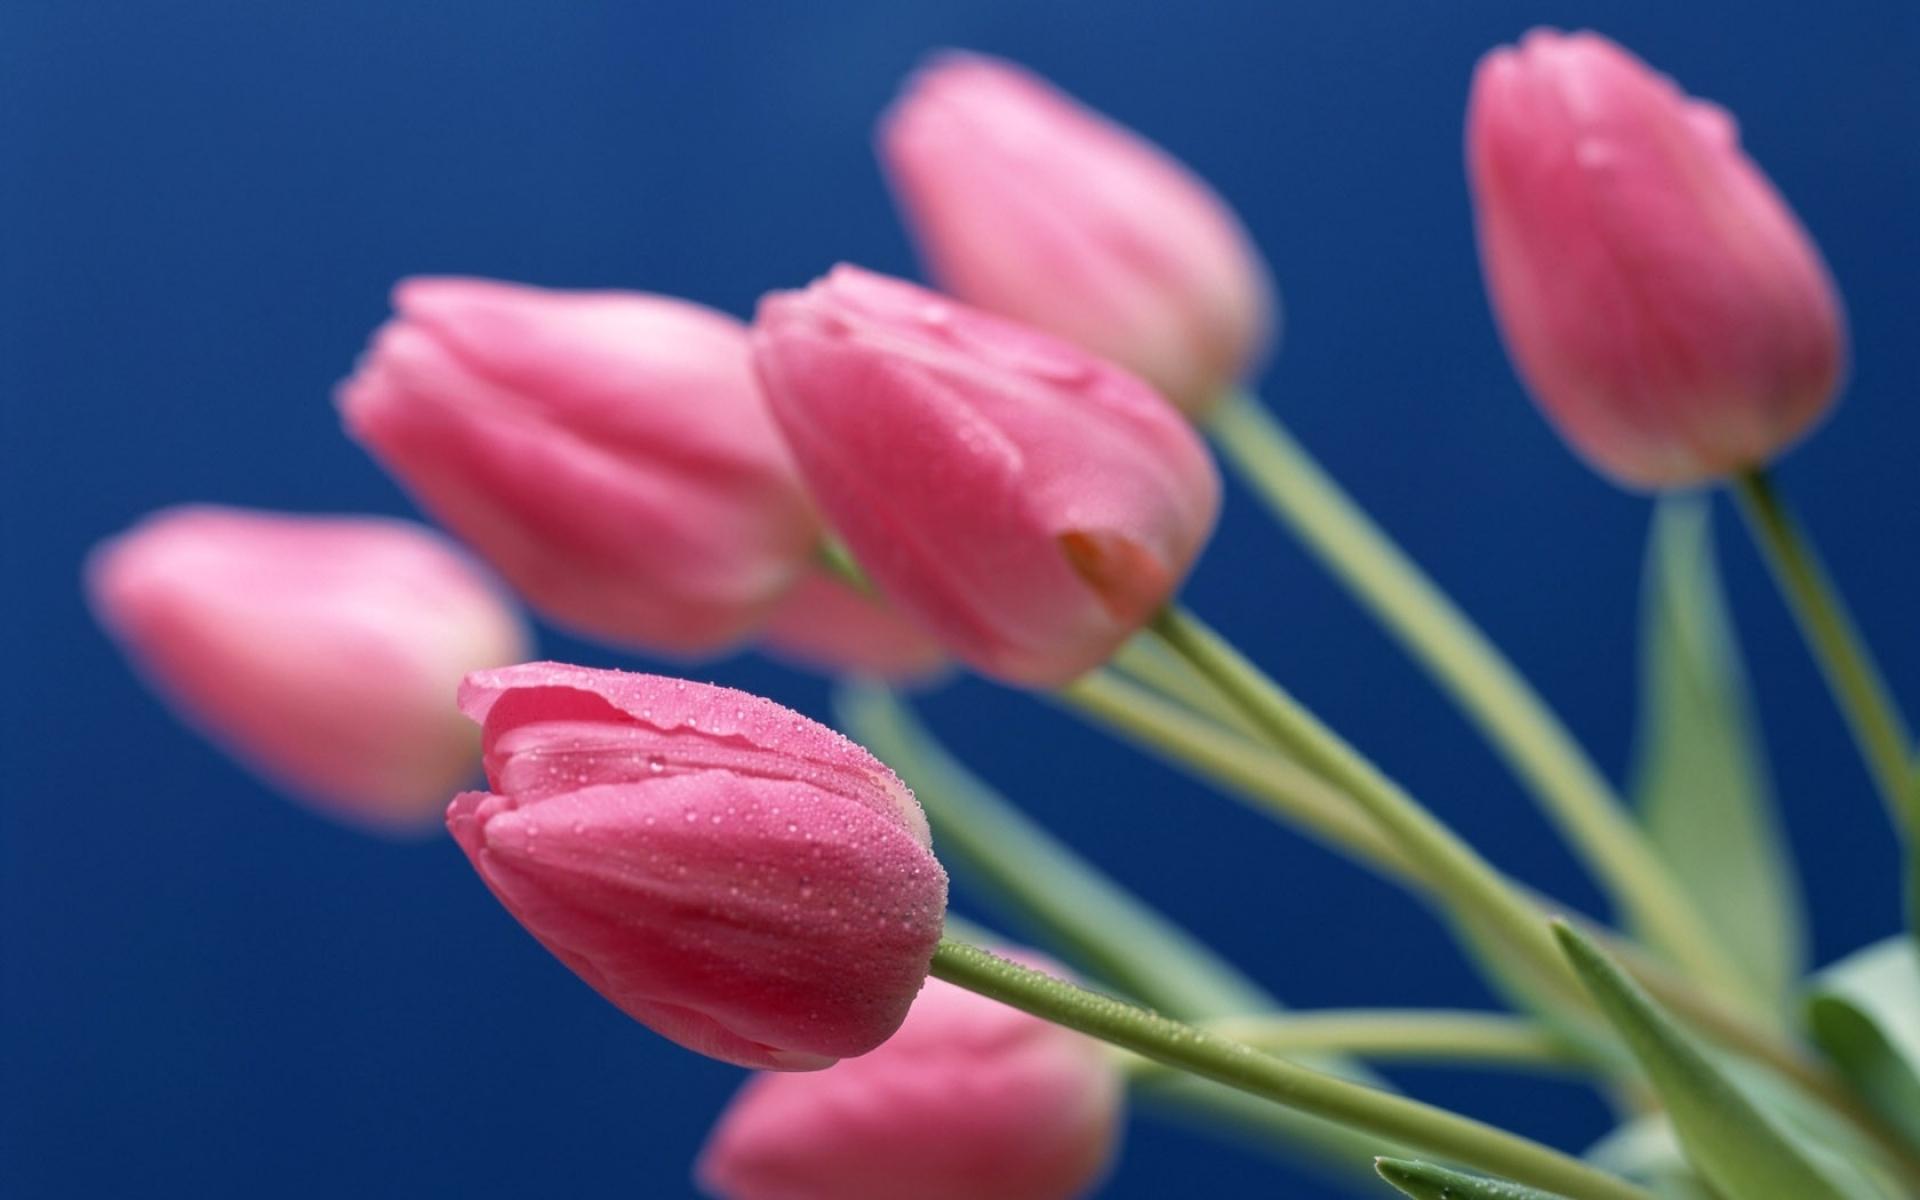 Картинки Тюльпаны, цветы, букет, капли, макро, фон фото и обои на рабочий стол